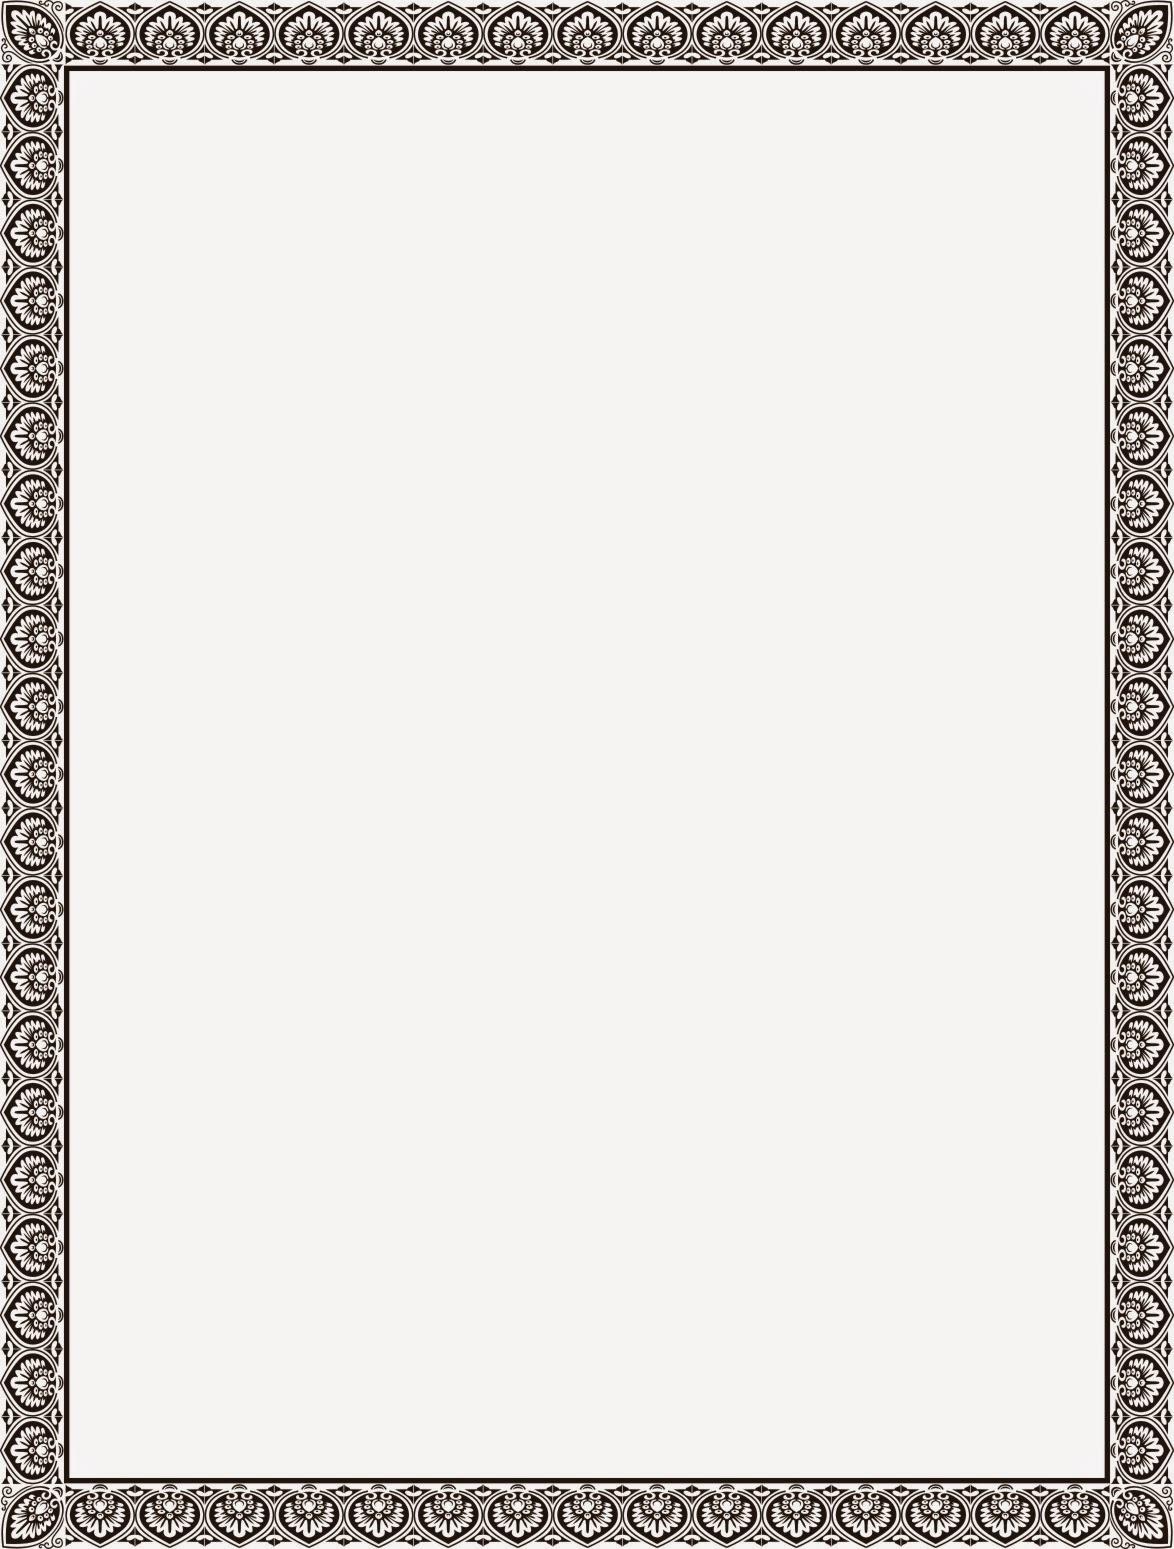 Bingkai Yasin Vector : bingkai, yasin, vector, Vector, Kaligrafi, Yasin, Vecteur